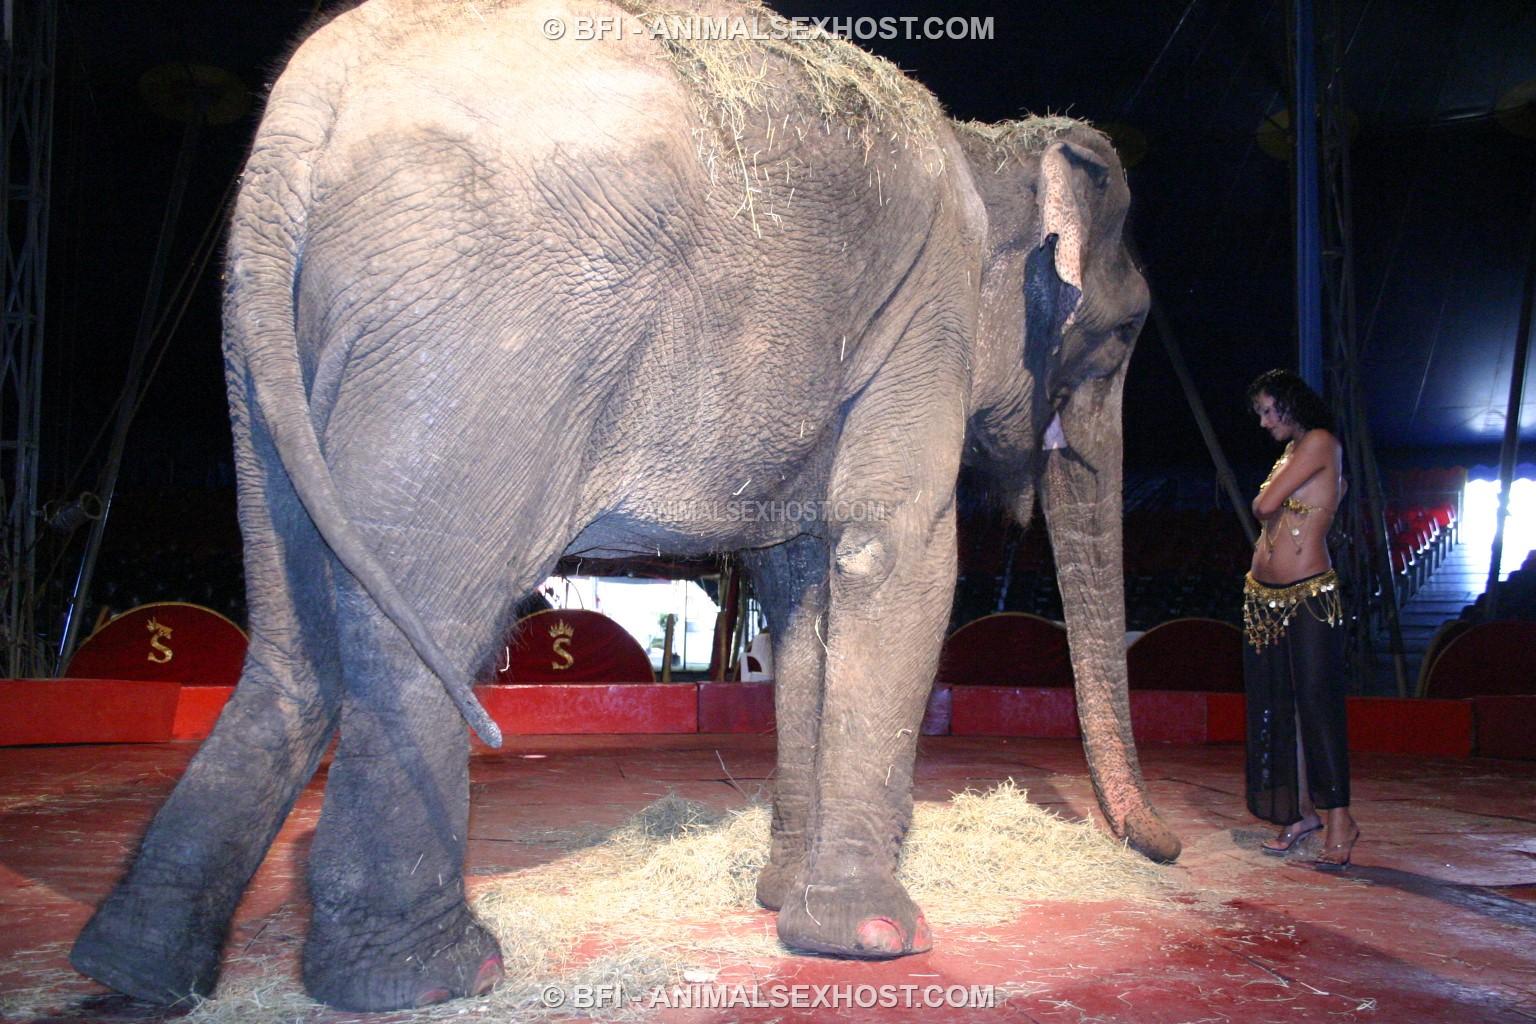 Adriana Morena Has Sex With An Elephant  Free Animalsex -8864